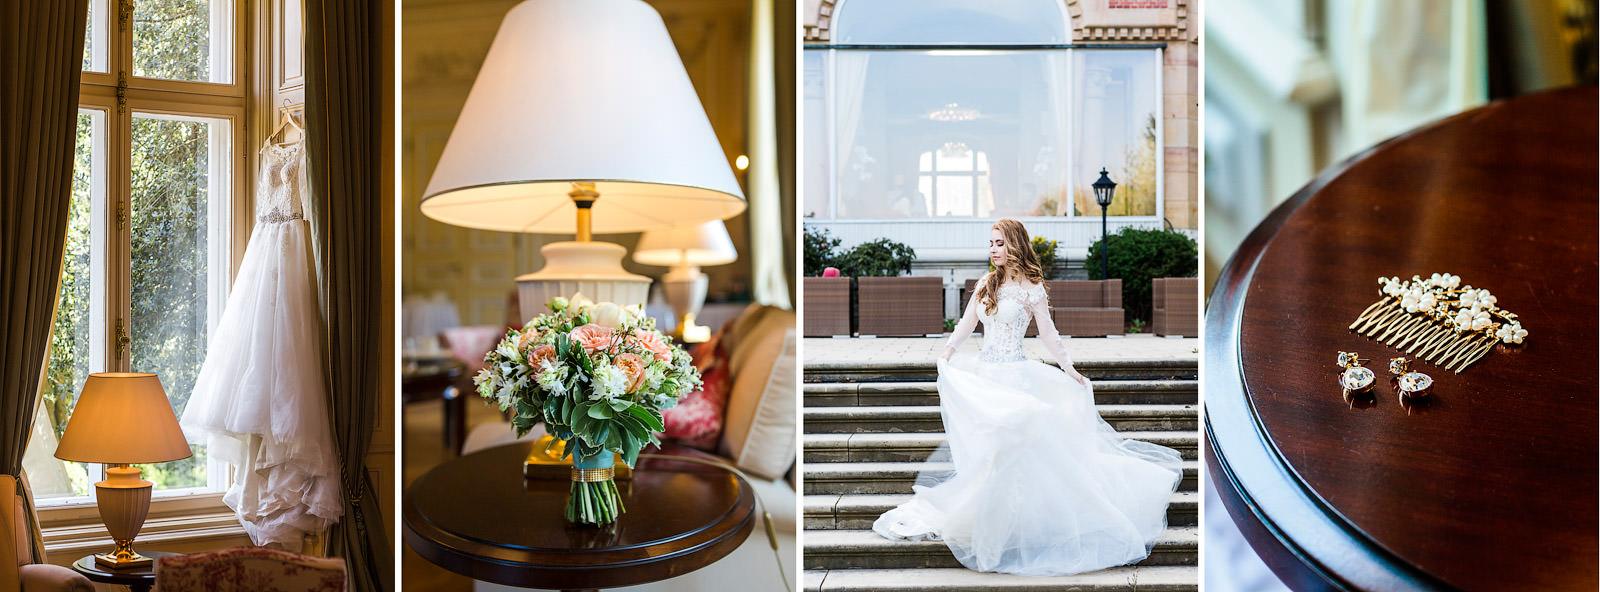 Sei bei unseren Masterclasses für Hochzeitsfotografen dabei!